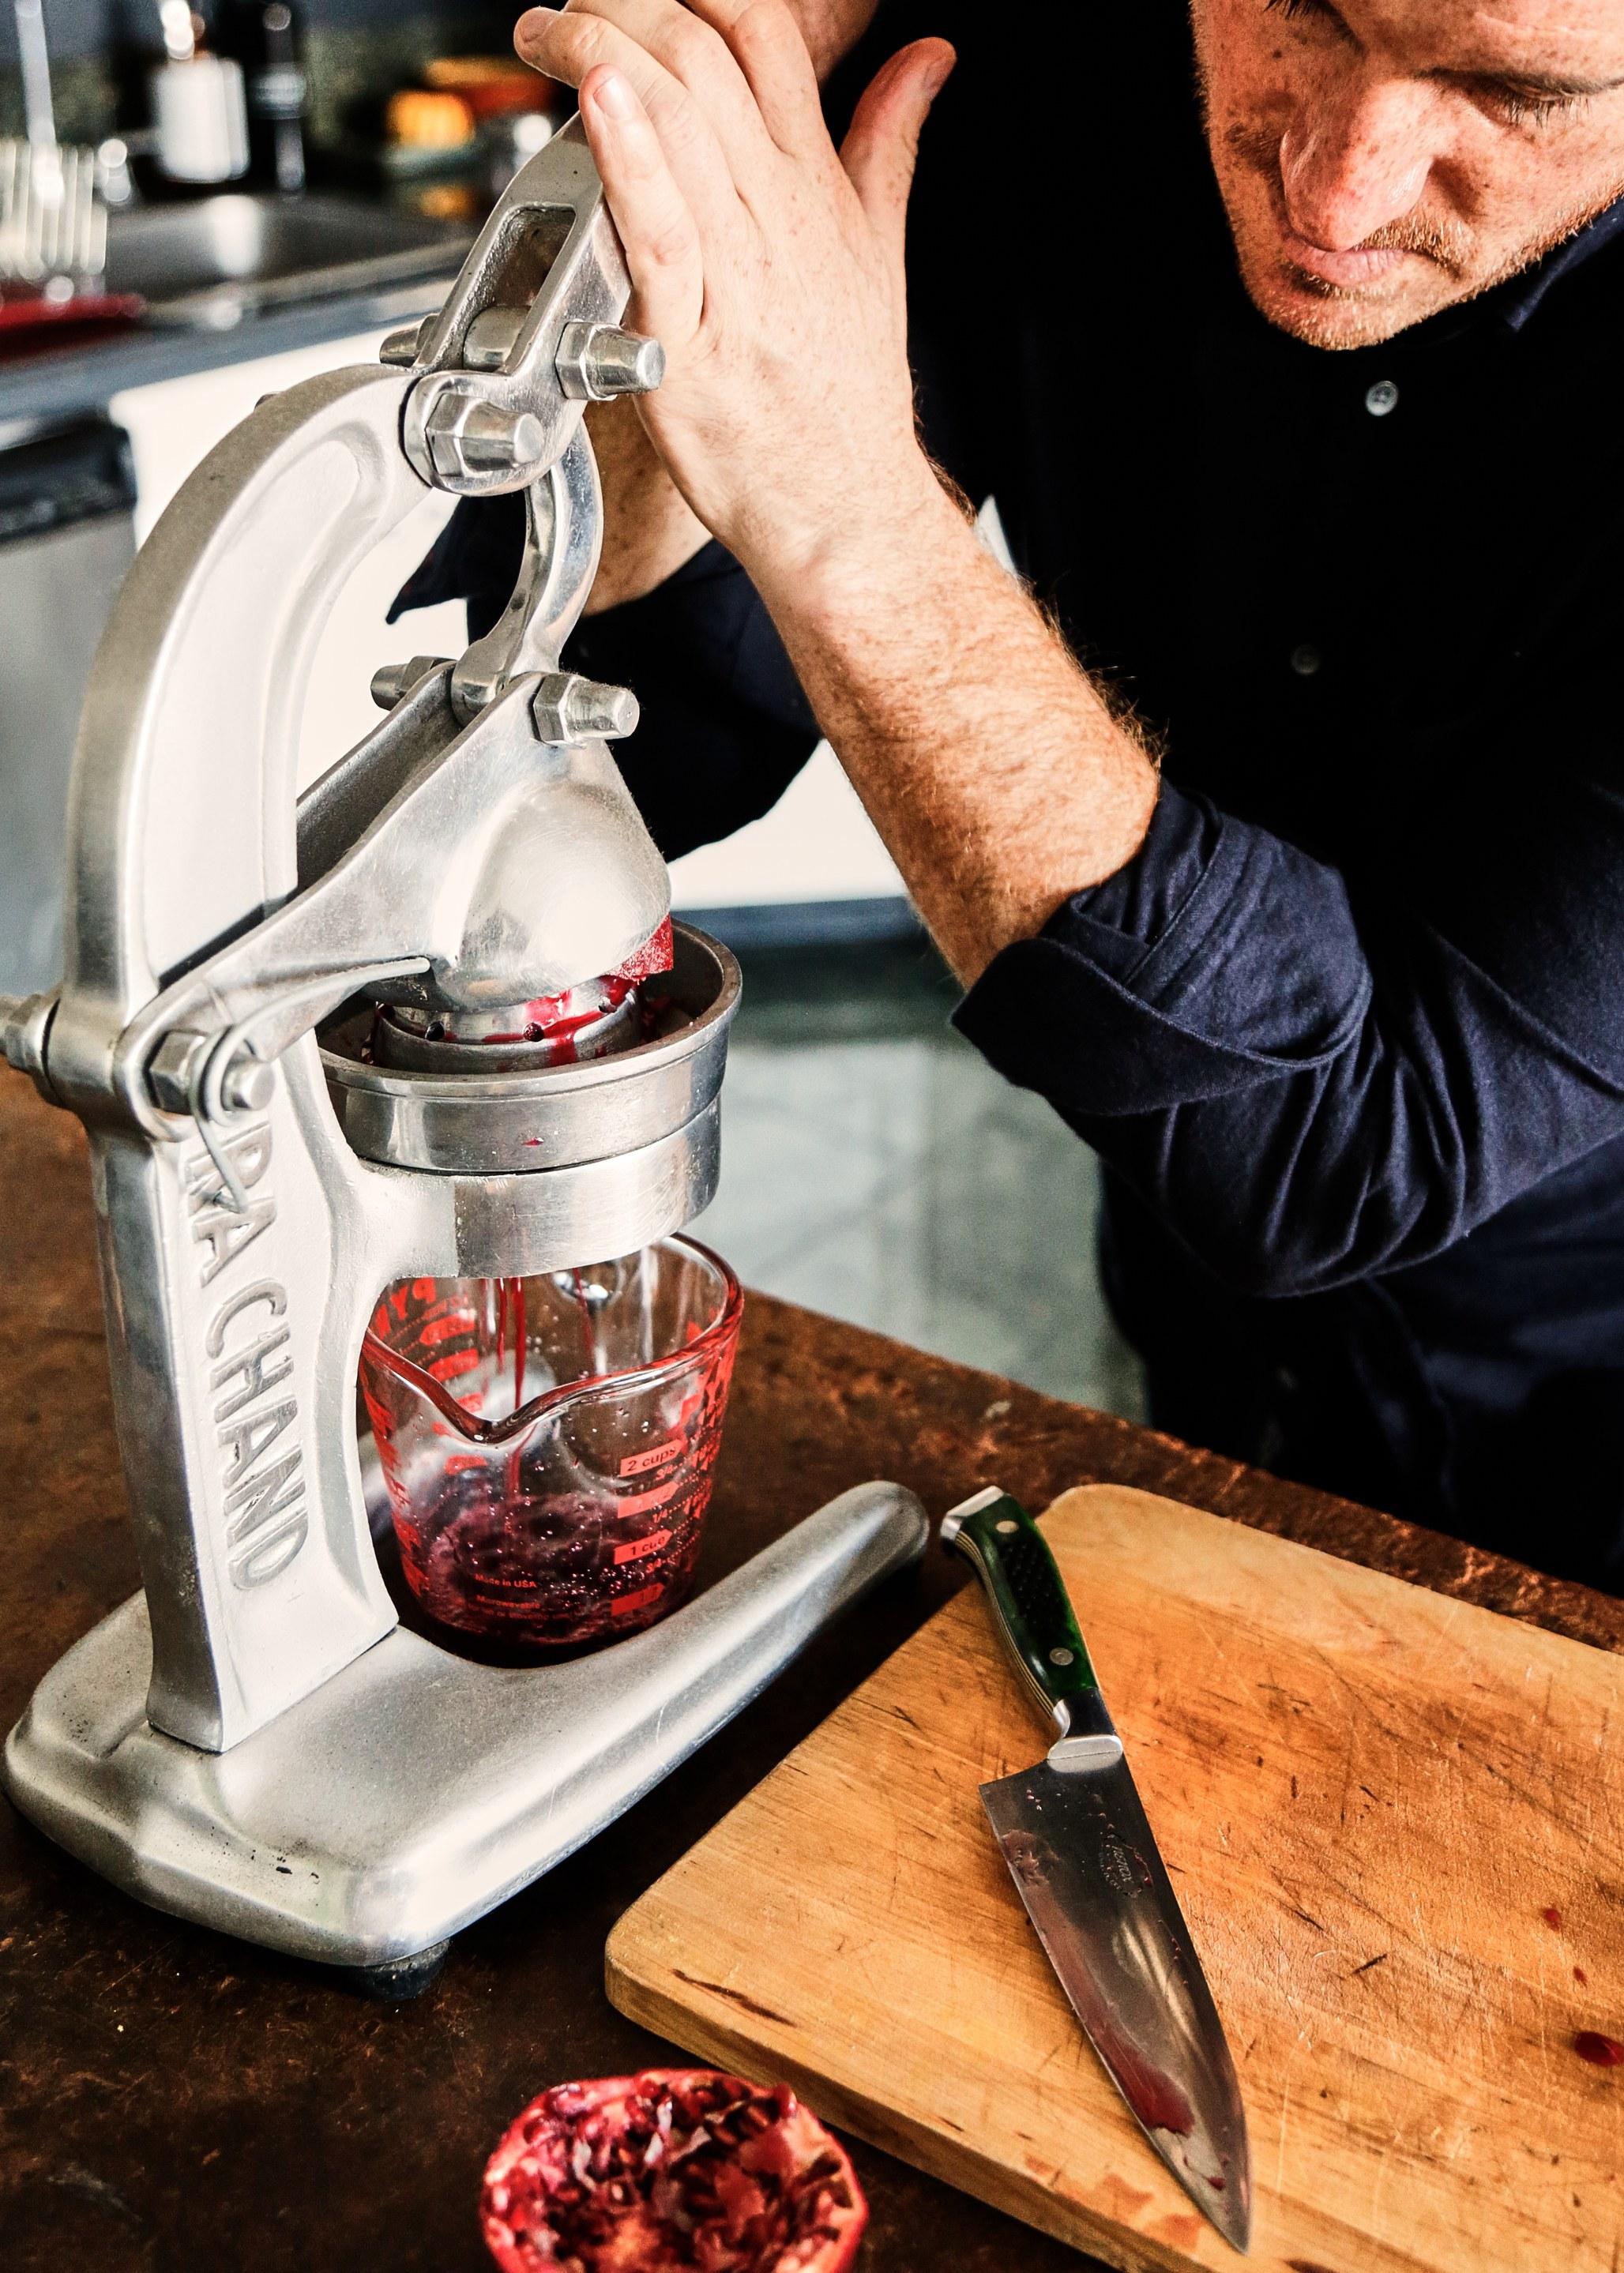 Seamus Mullen in his kitchen making fresh pomegranate juice